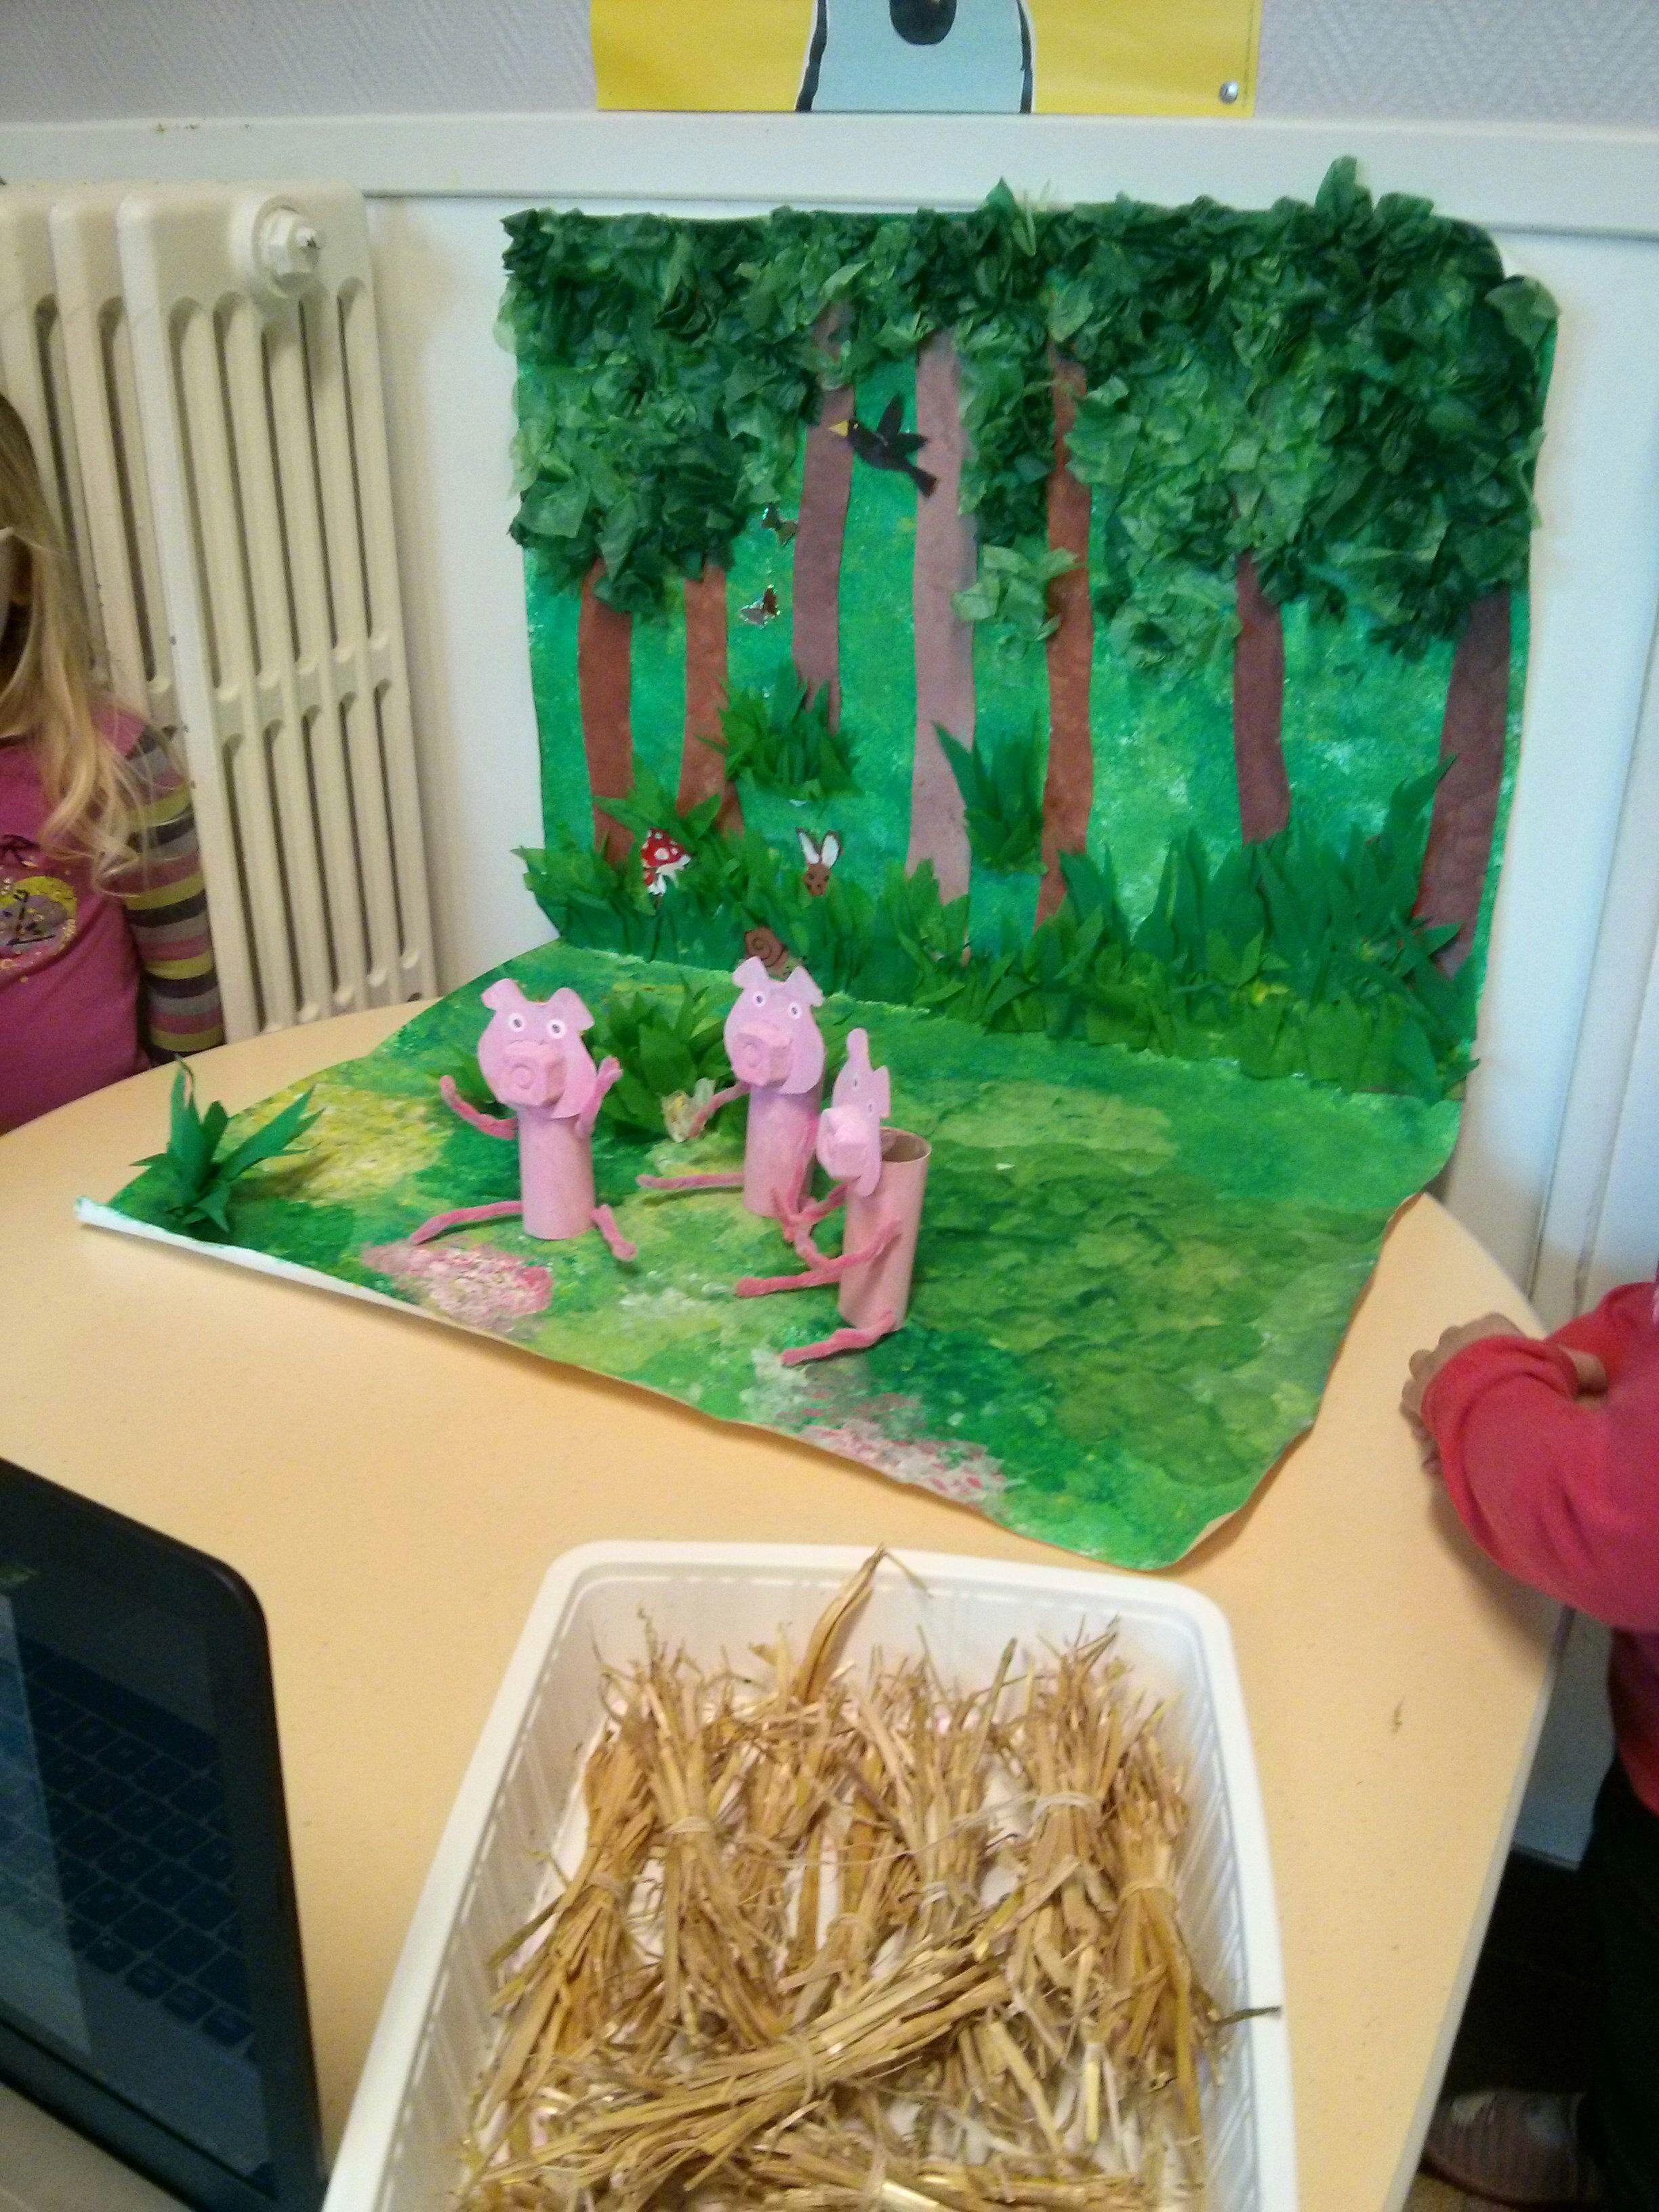 Les Trois Petit Cochons Art Visuel : trois, petit, cochons, visuel, Trois, Petits, Cochons, Biggetjes,, Sprookjes